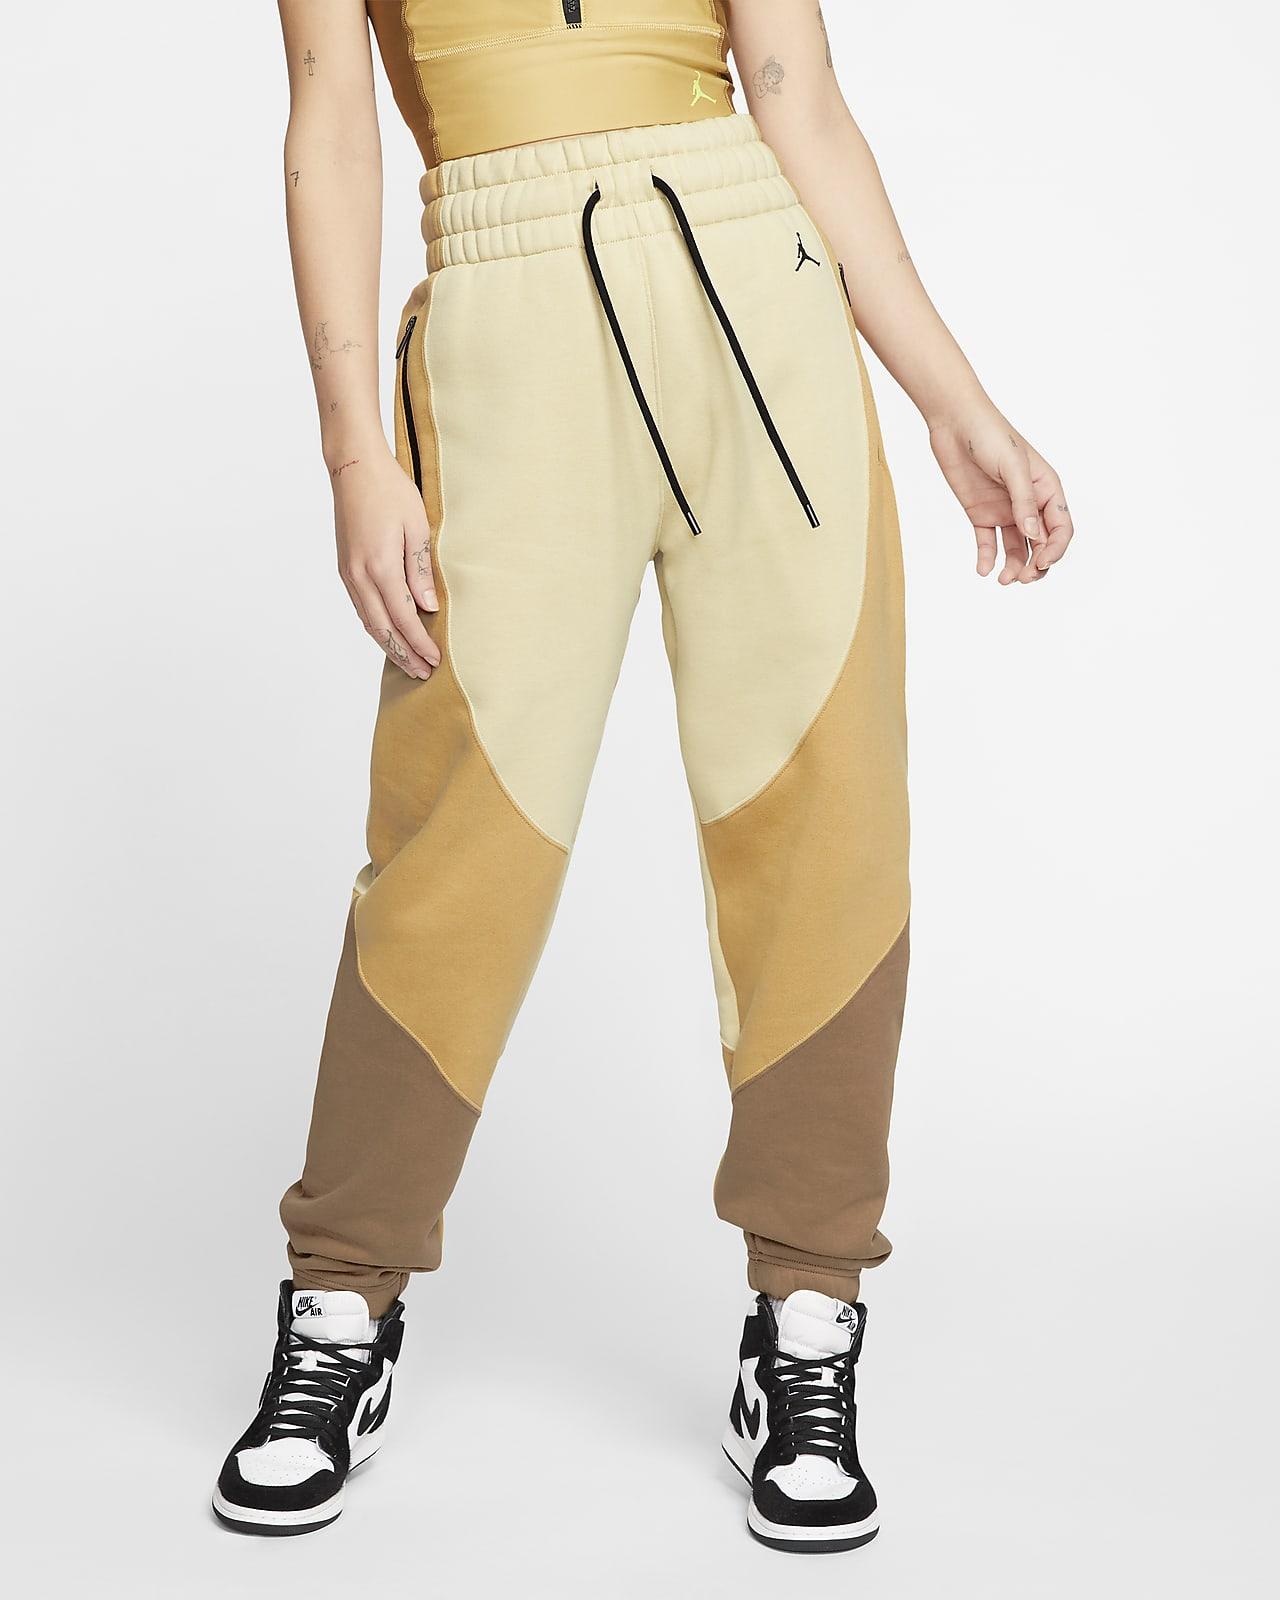 Jordan Women's Fleece Trousers